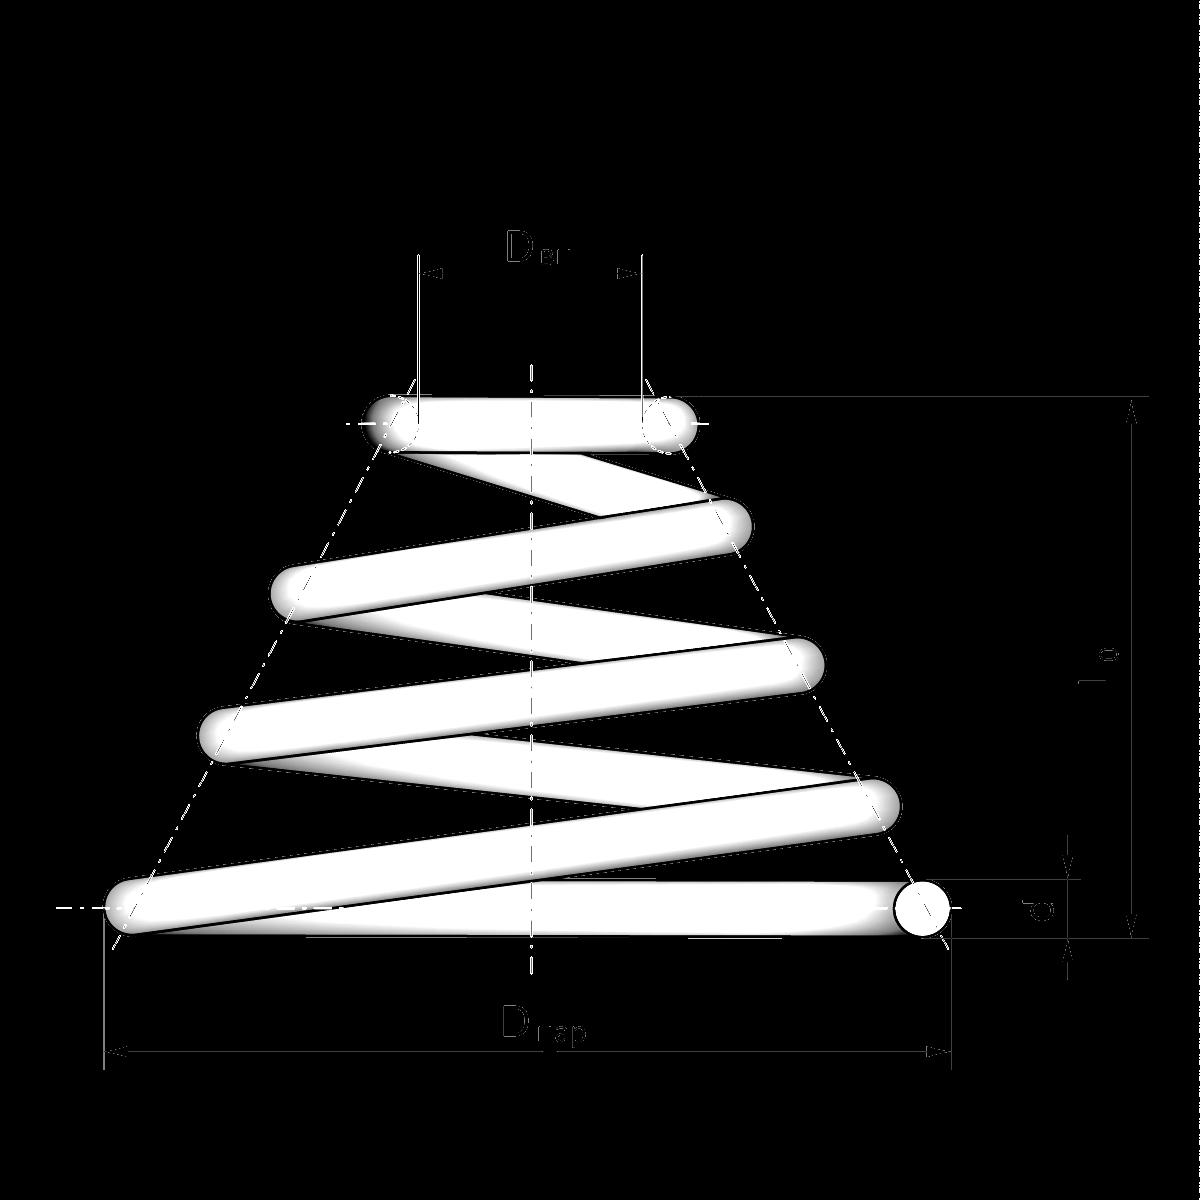 Пружина сжатия чертеж